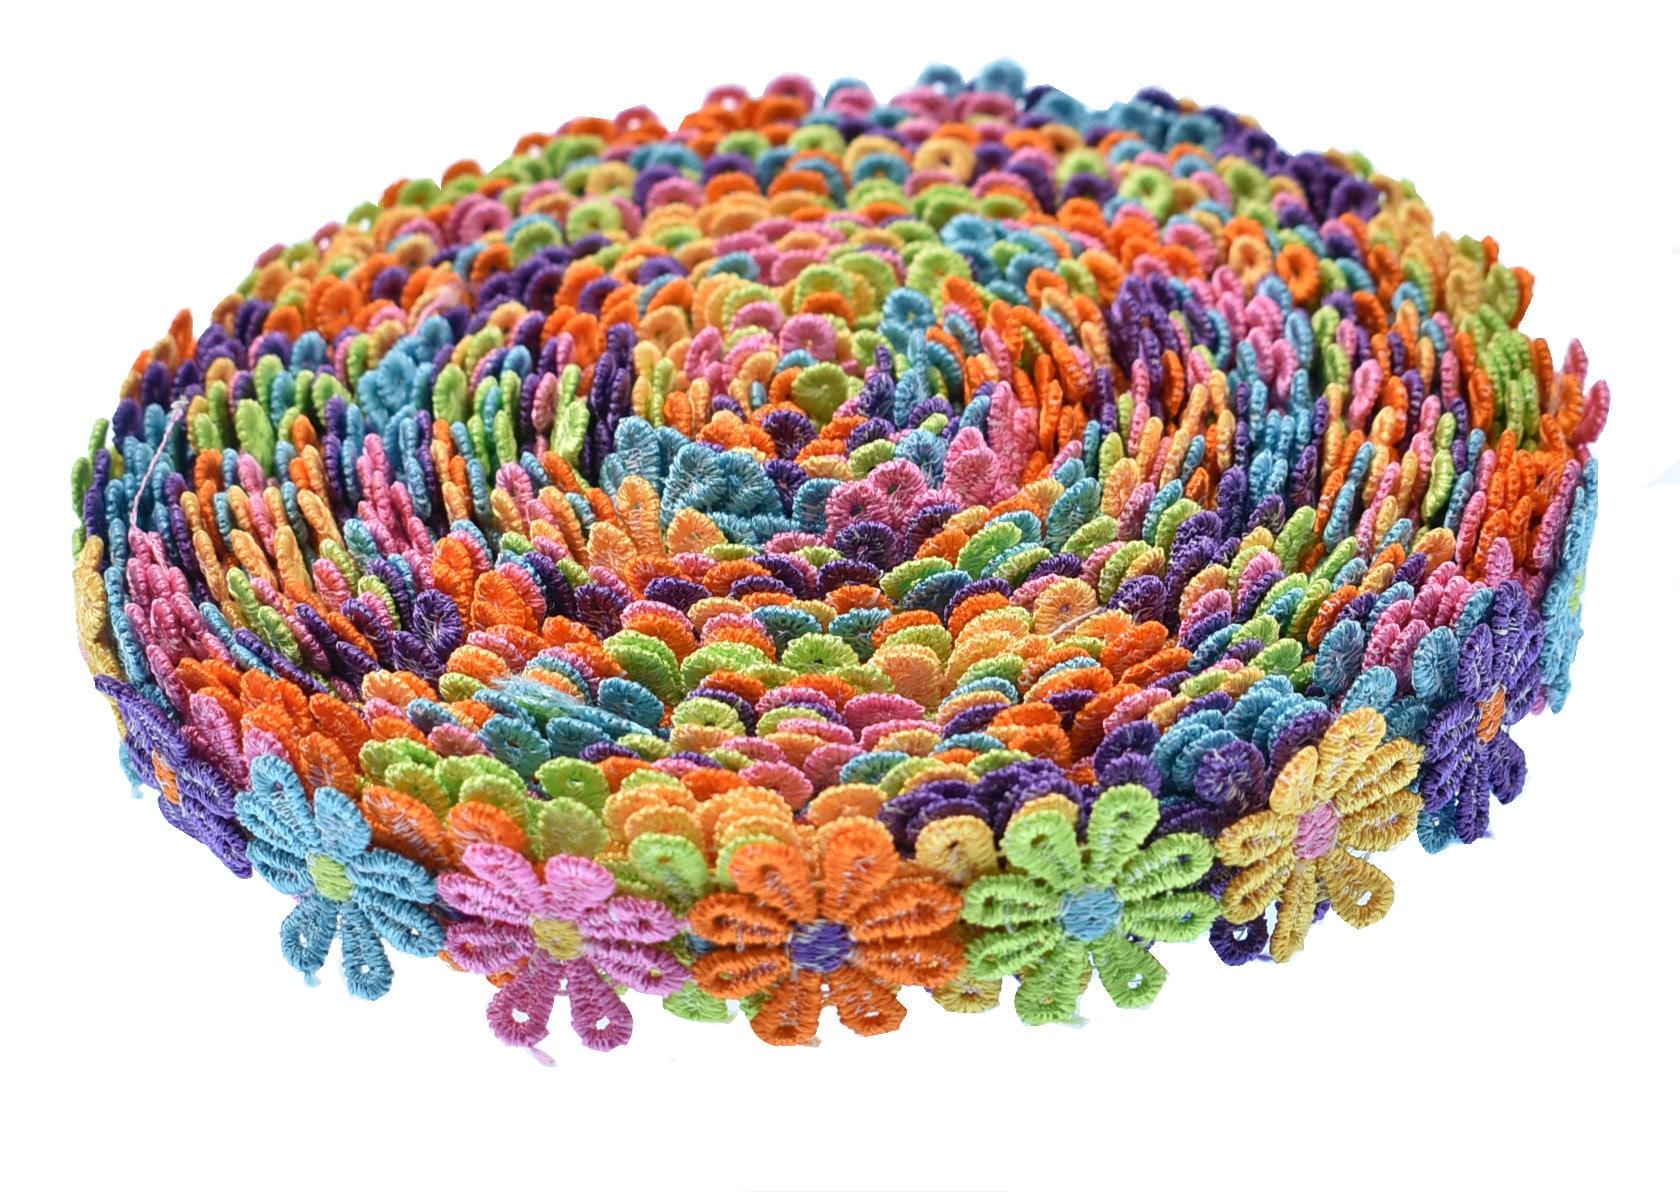 Ruban de de Ruban fleur coloré Style Vintage bordure garnitures tissu broderie dentelle bricolage Applique couture artisanale Decor parti robe de mariage 8a3129